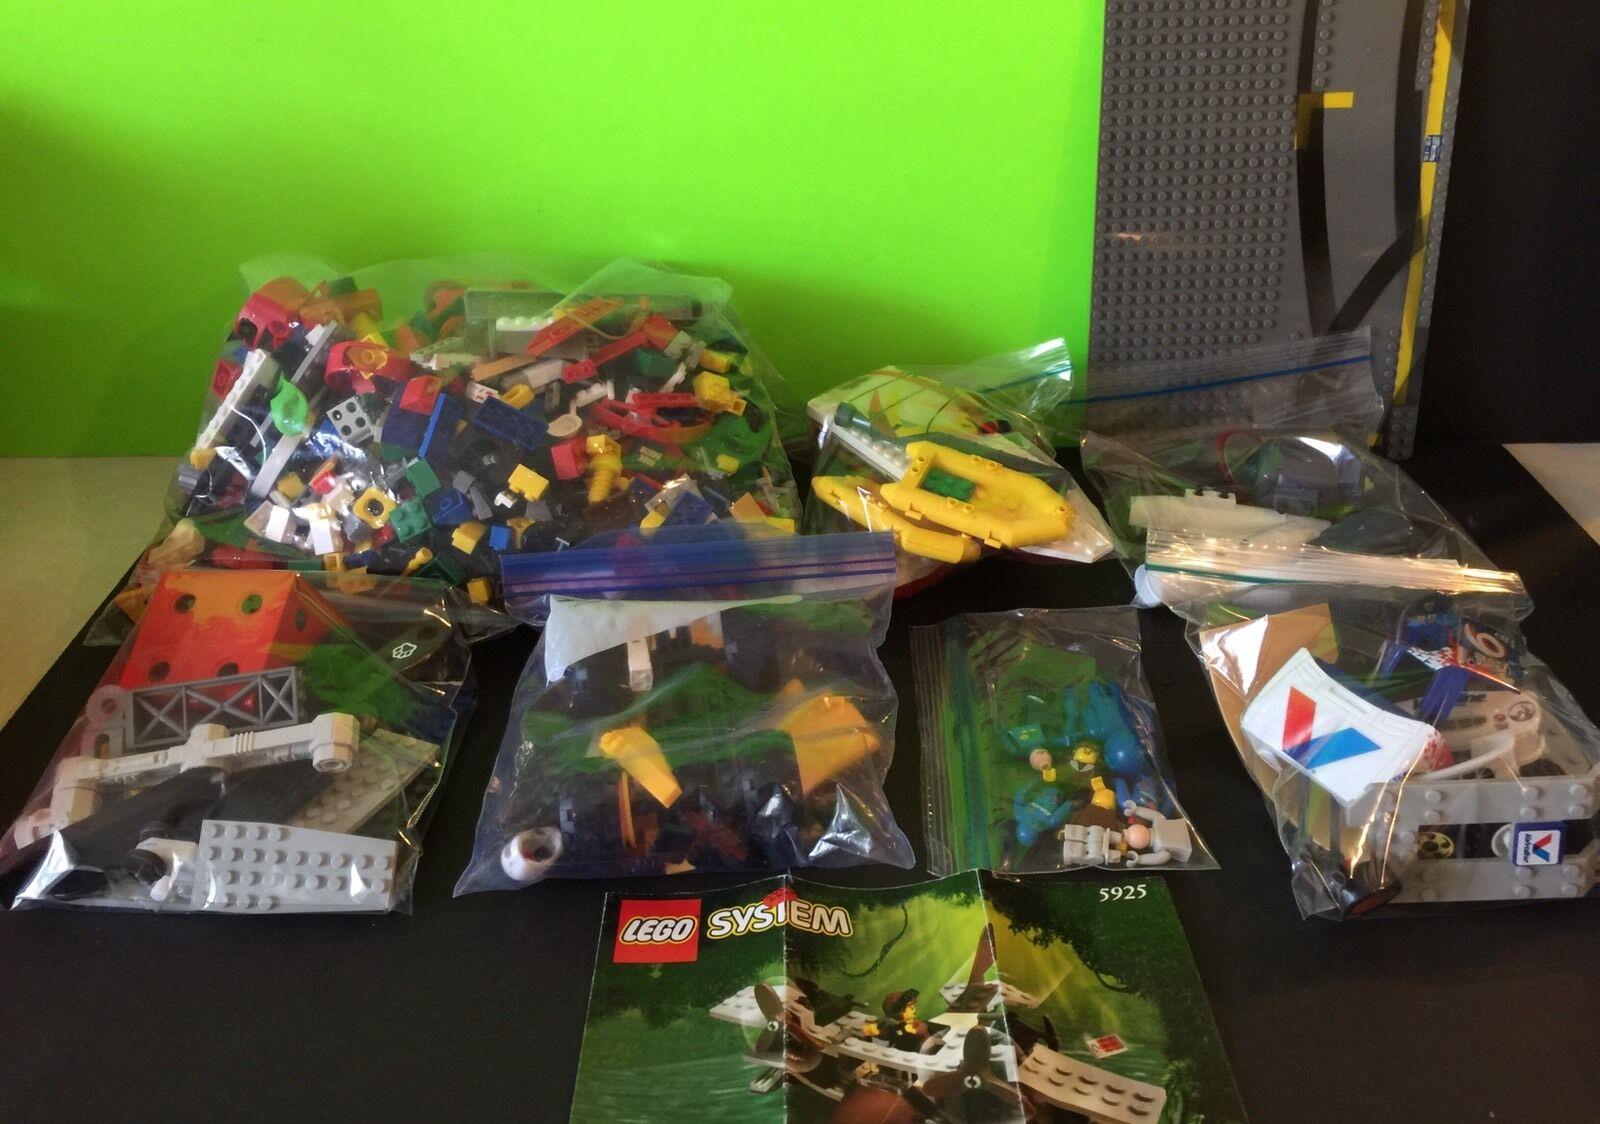 Große gemischte menge lego mega - bloks fahrzeuge, Stiefele, flugzeuge über 6 pfund zahlen